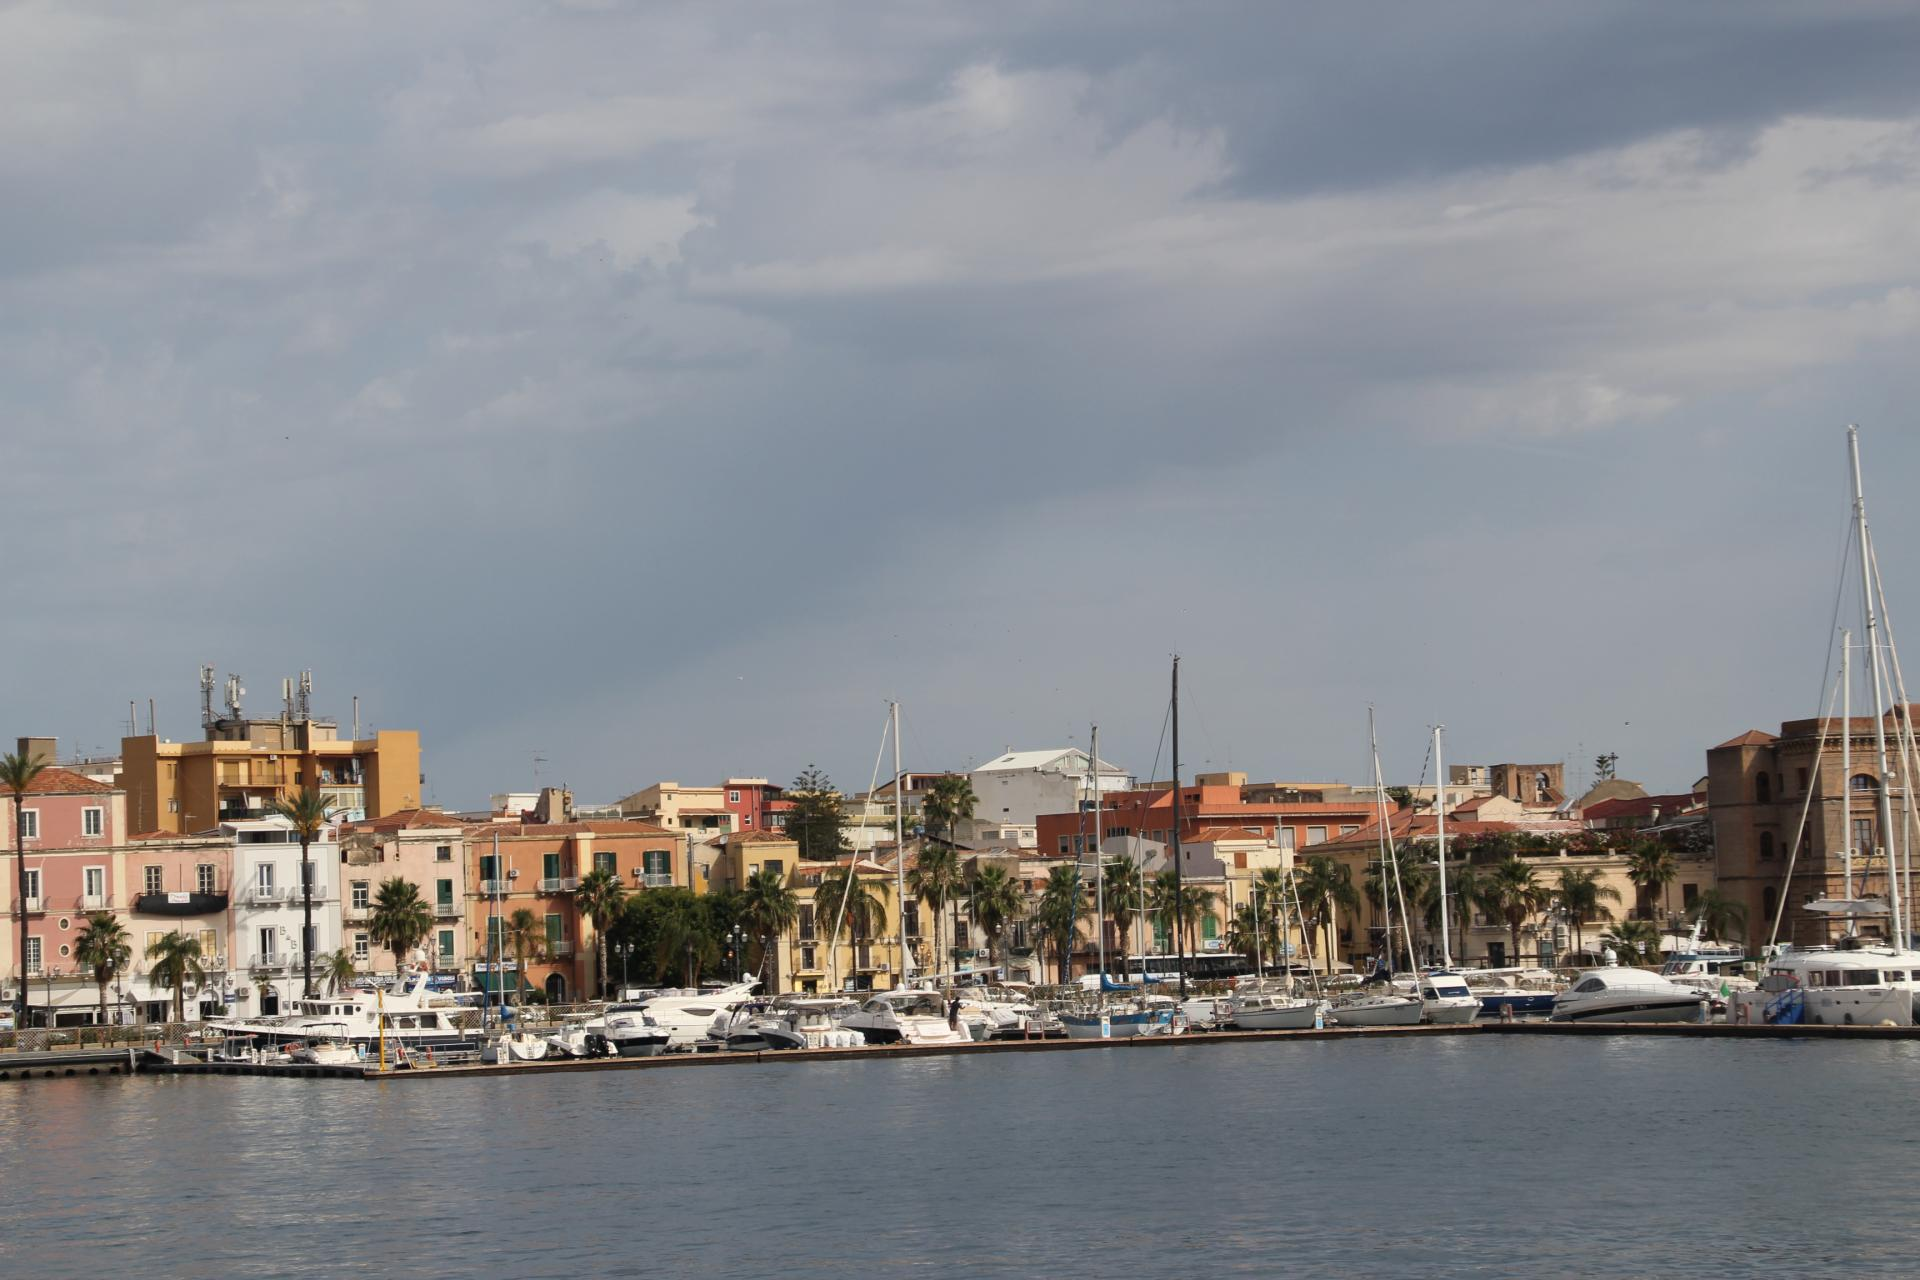 Arrivée dans le port de Lipari le 7 juin